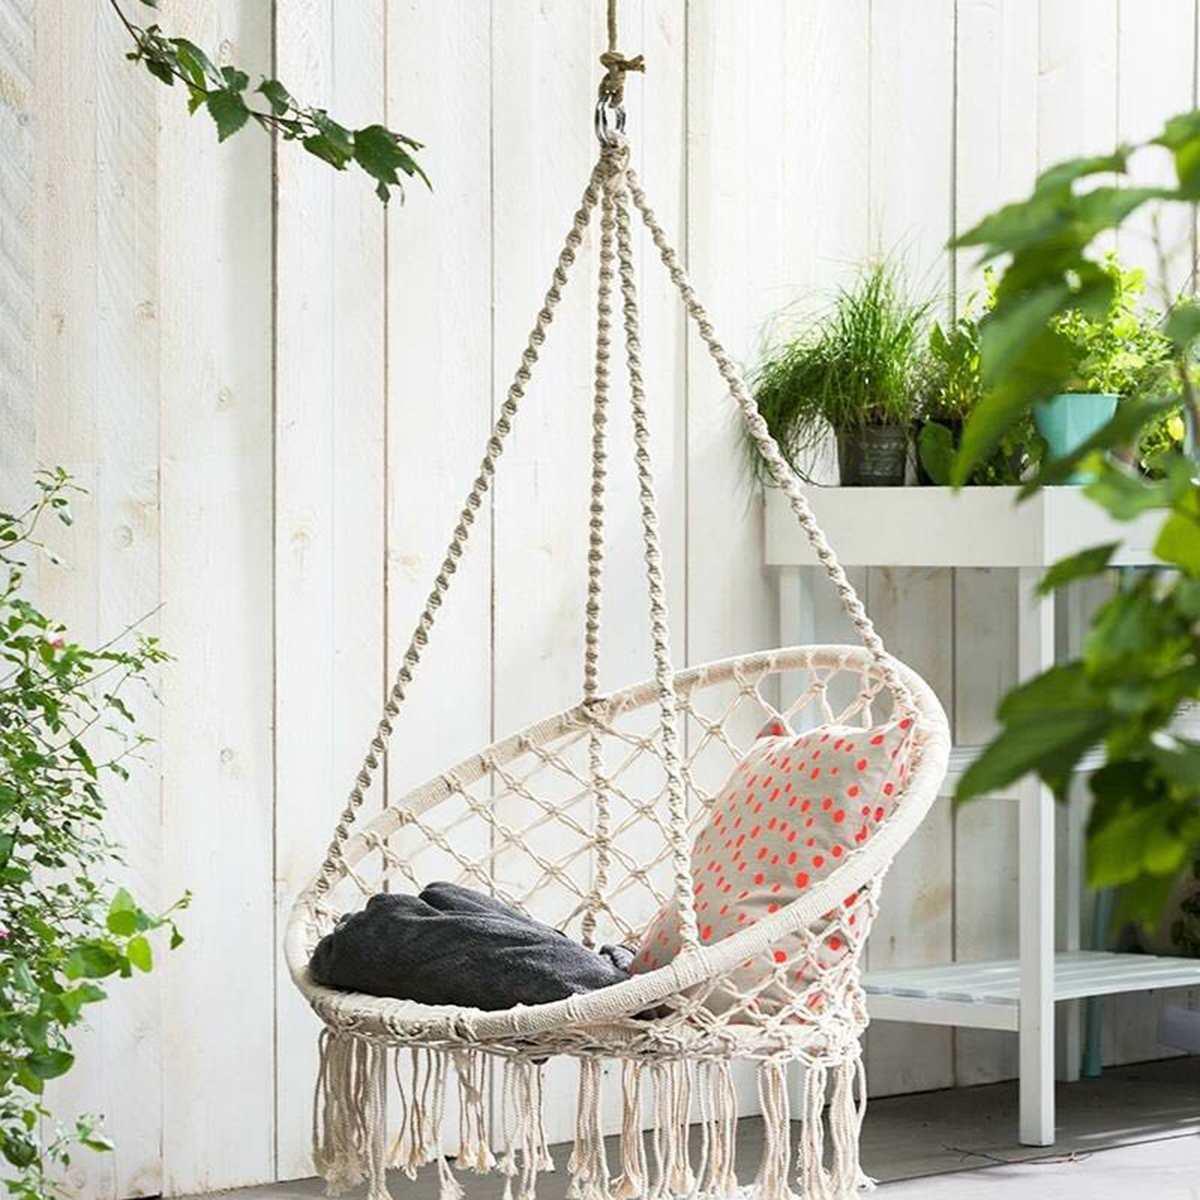 Cuerda de algodón nórdico hamaca silla hecha a mano de punto interior columpio exterior para niños cama adultos columpio colgante silla hamaca